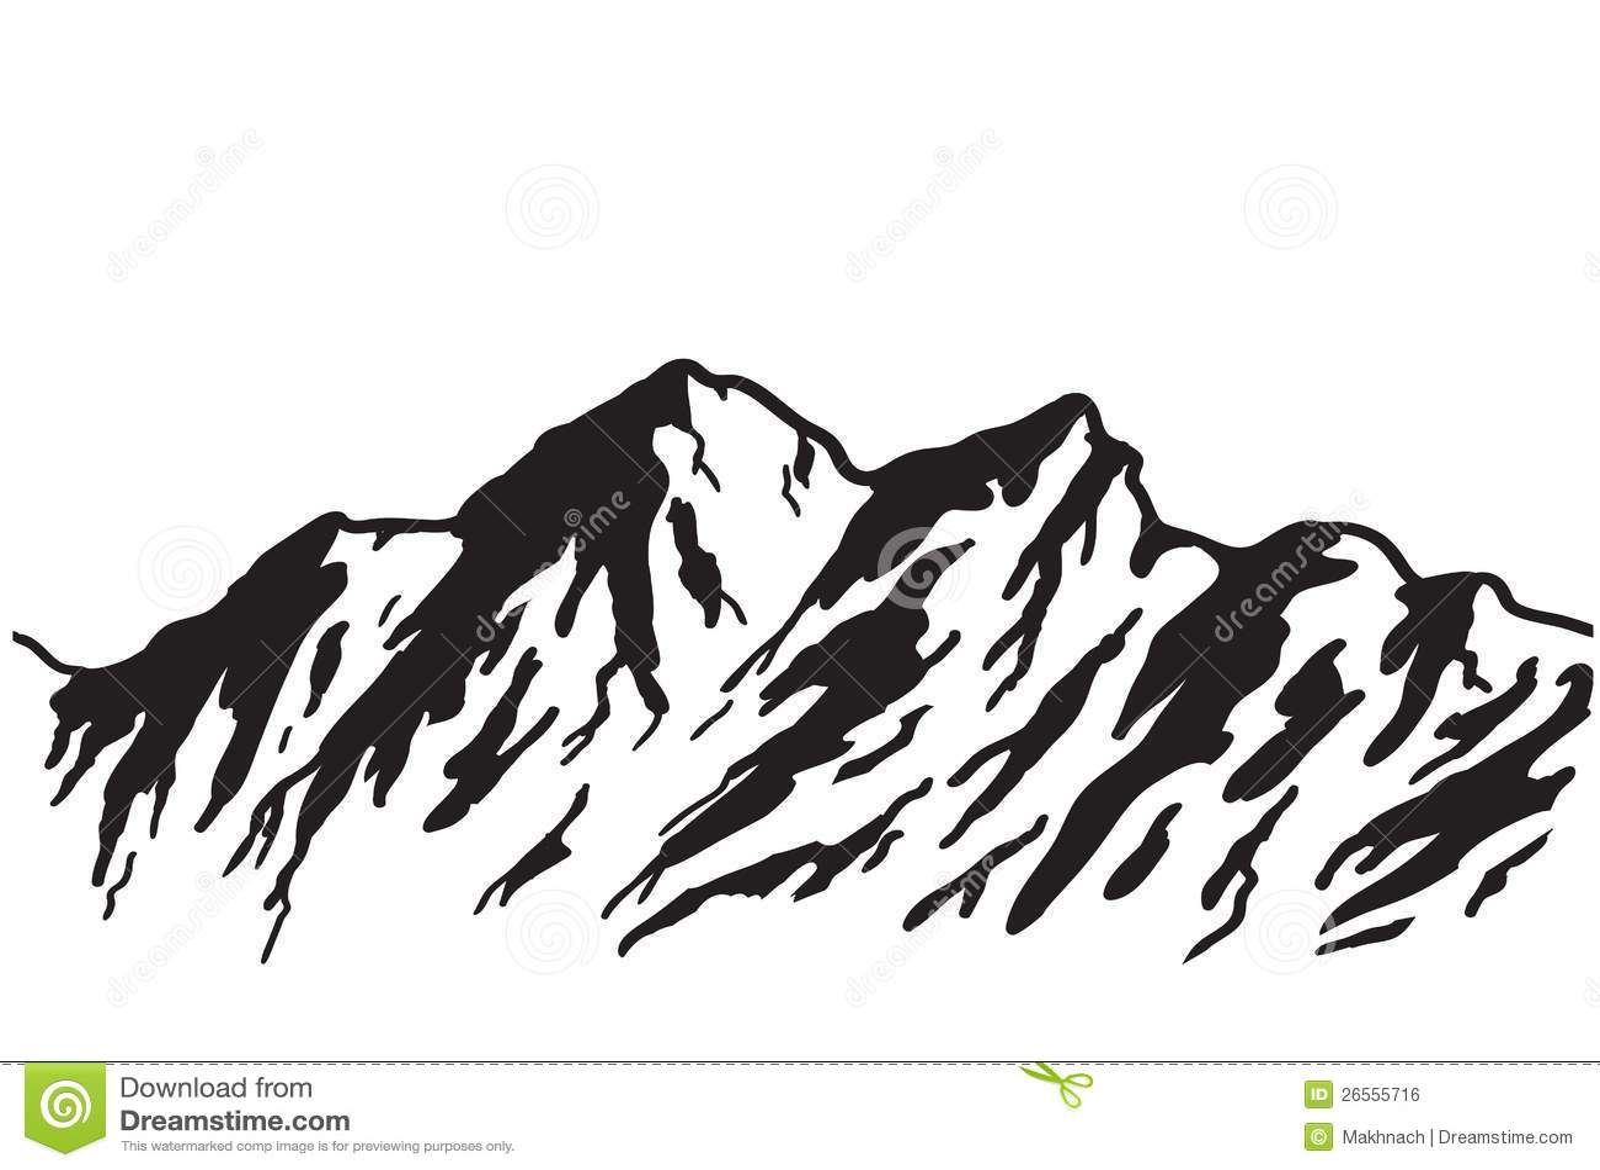 Mountain Range Stock Vector Illustration Of Outline